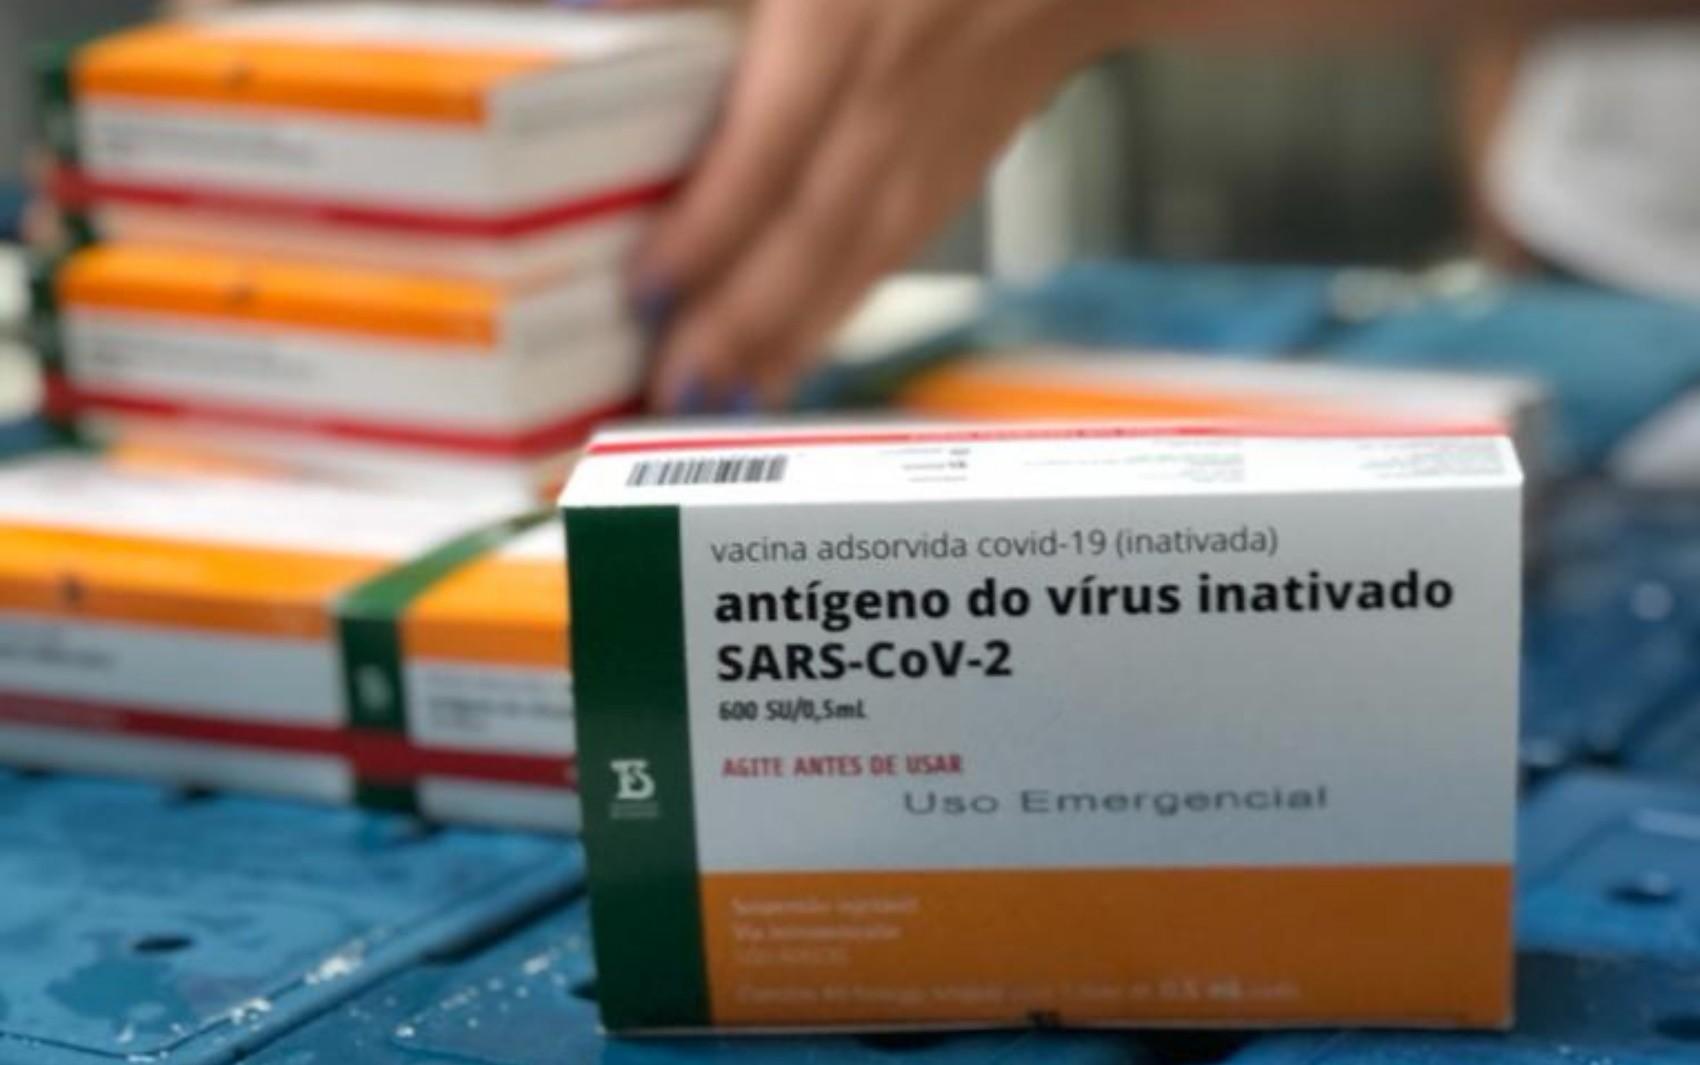 Municípios vacinam pessoas fora dos grupos prioritários a receber a doses da CoronaVac em Goiás